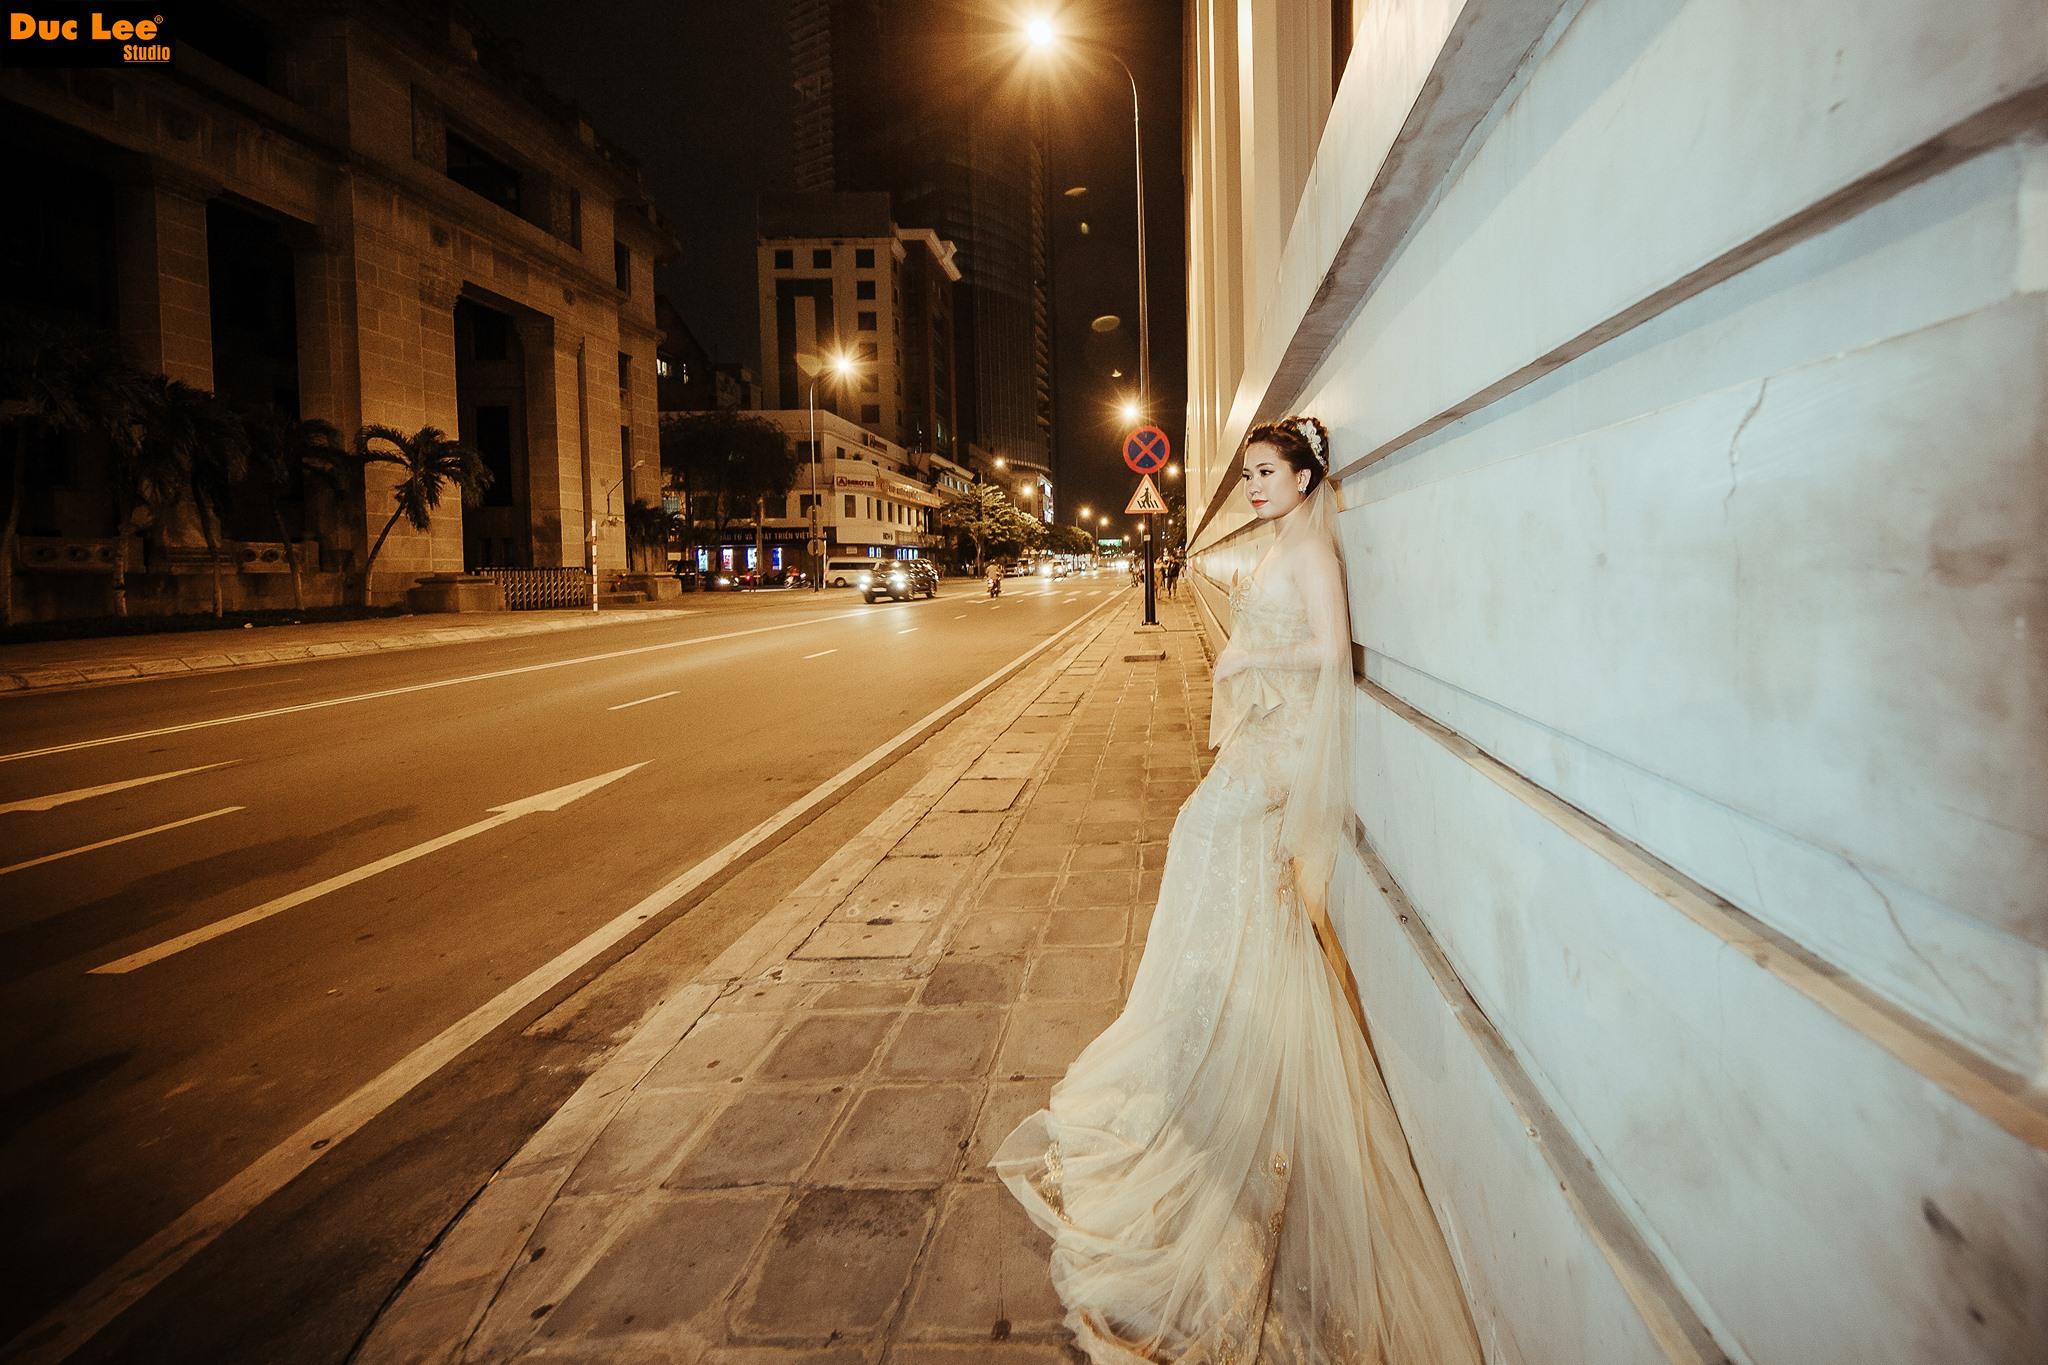 Đêm Sài Gòn